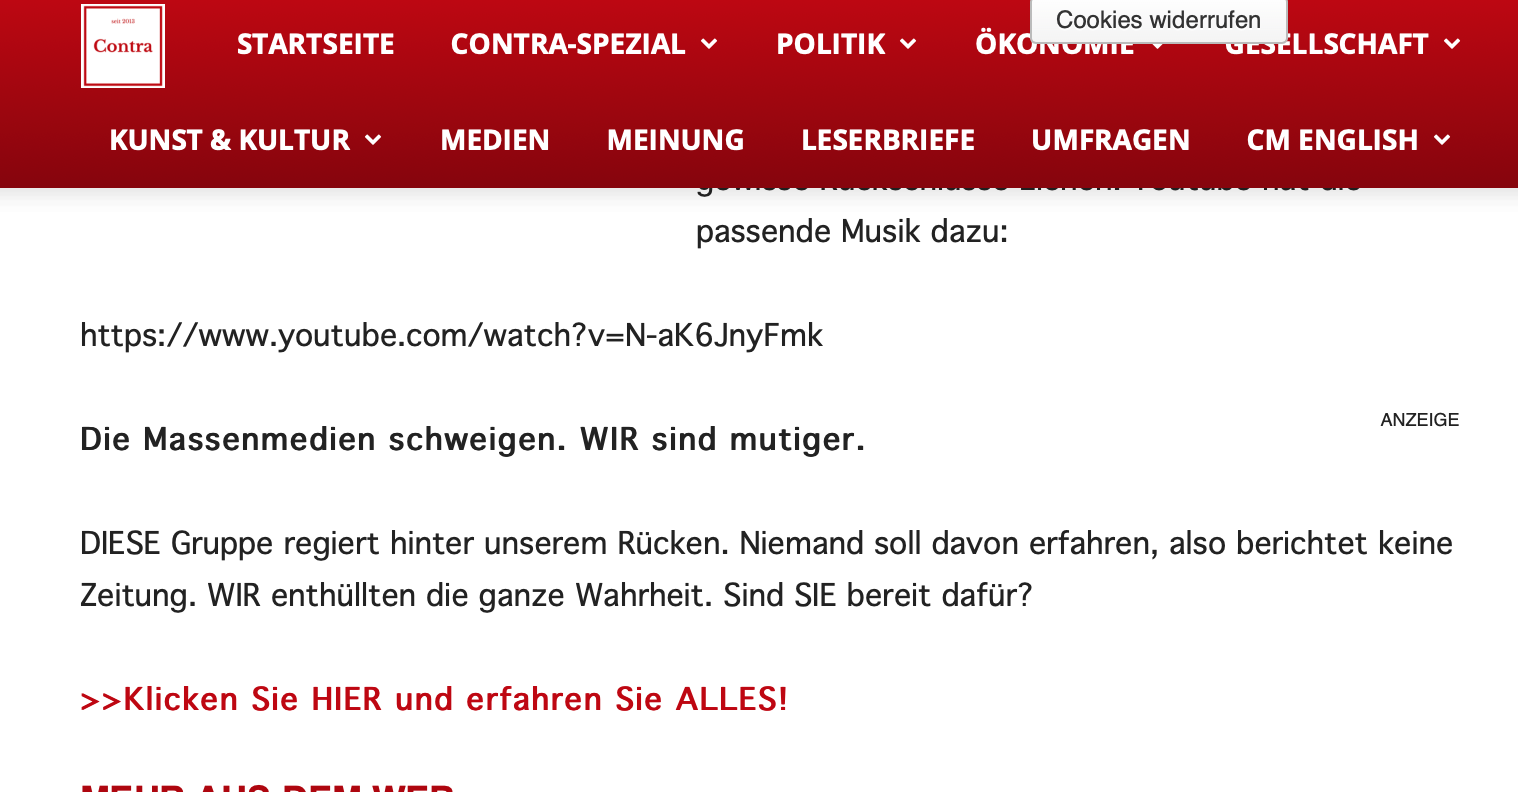 Das Contra Magazin – bräunliche Verschwörungstheorien und...